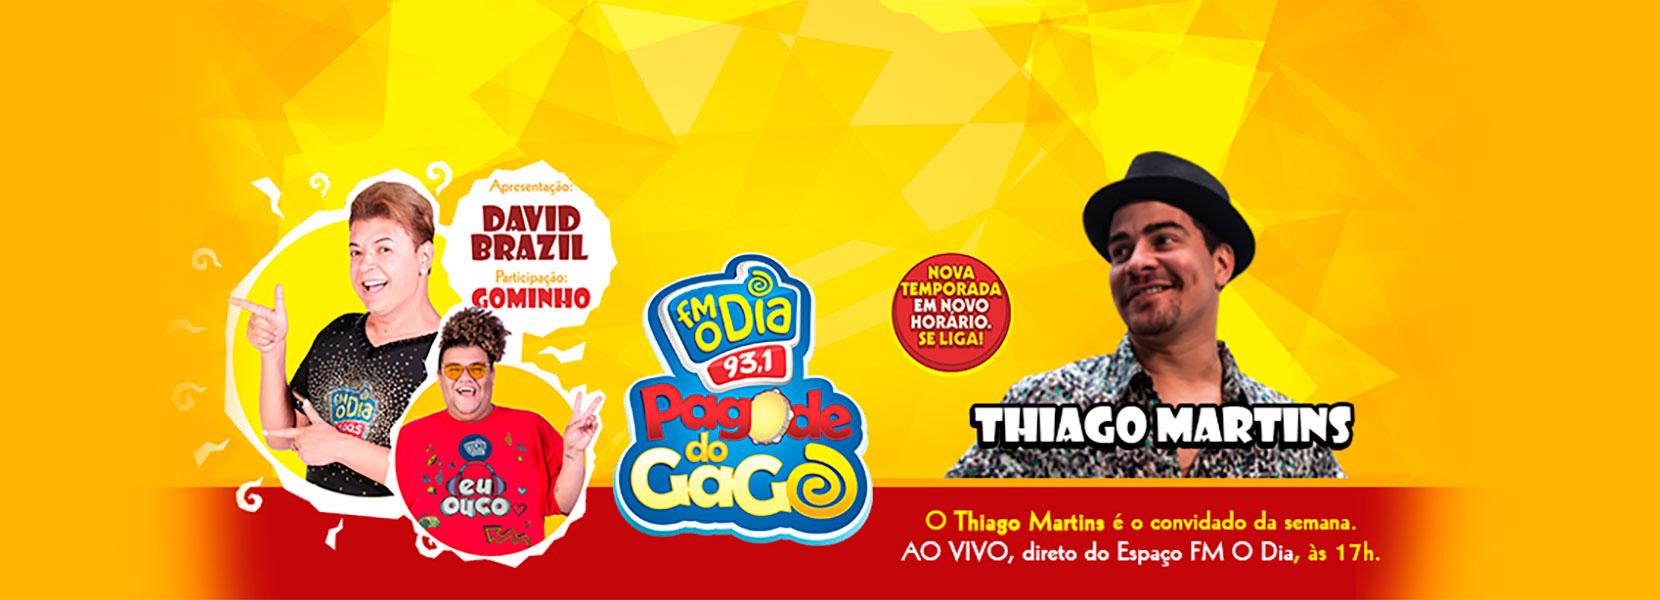 Pagode do Gago com David Brazil e convidados